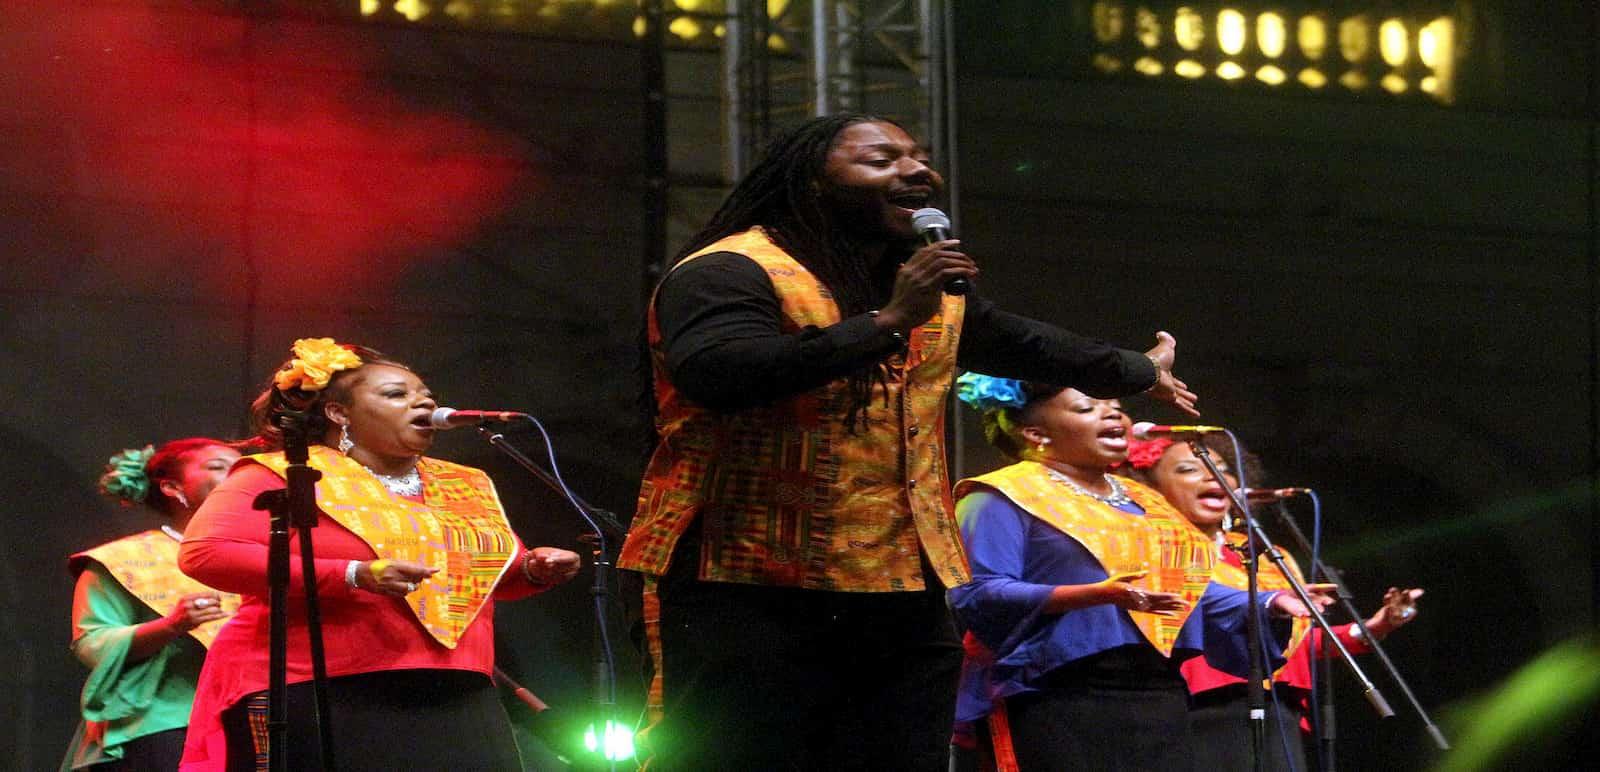 Tour combinado de Harlem y Contrastes que incluye misa Gospel